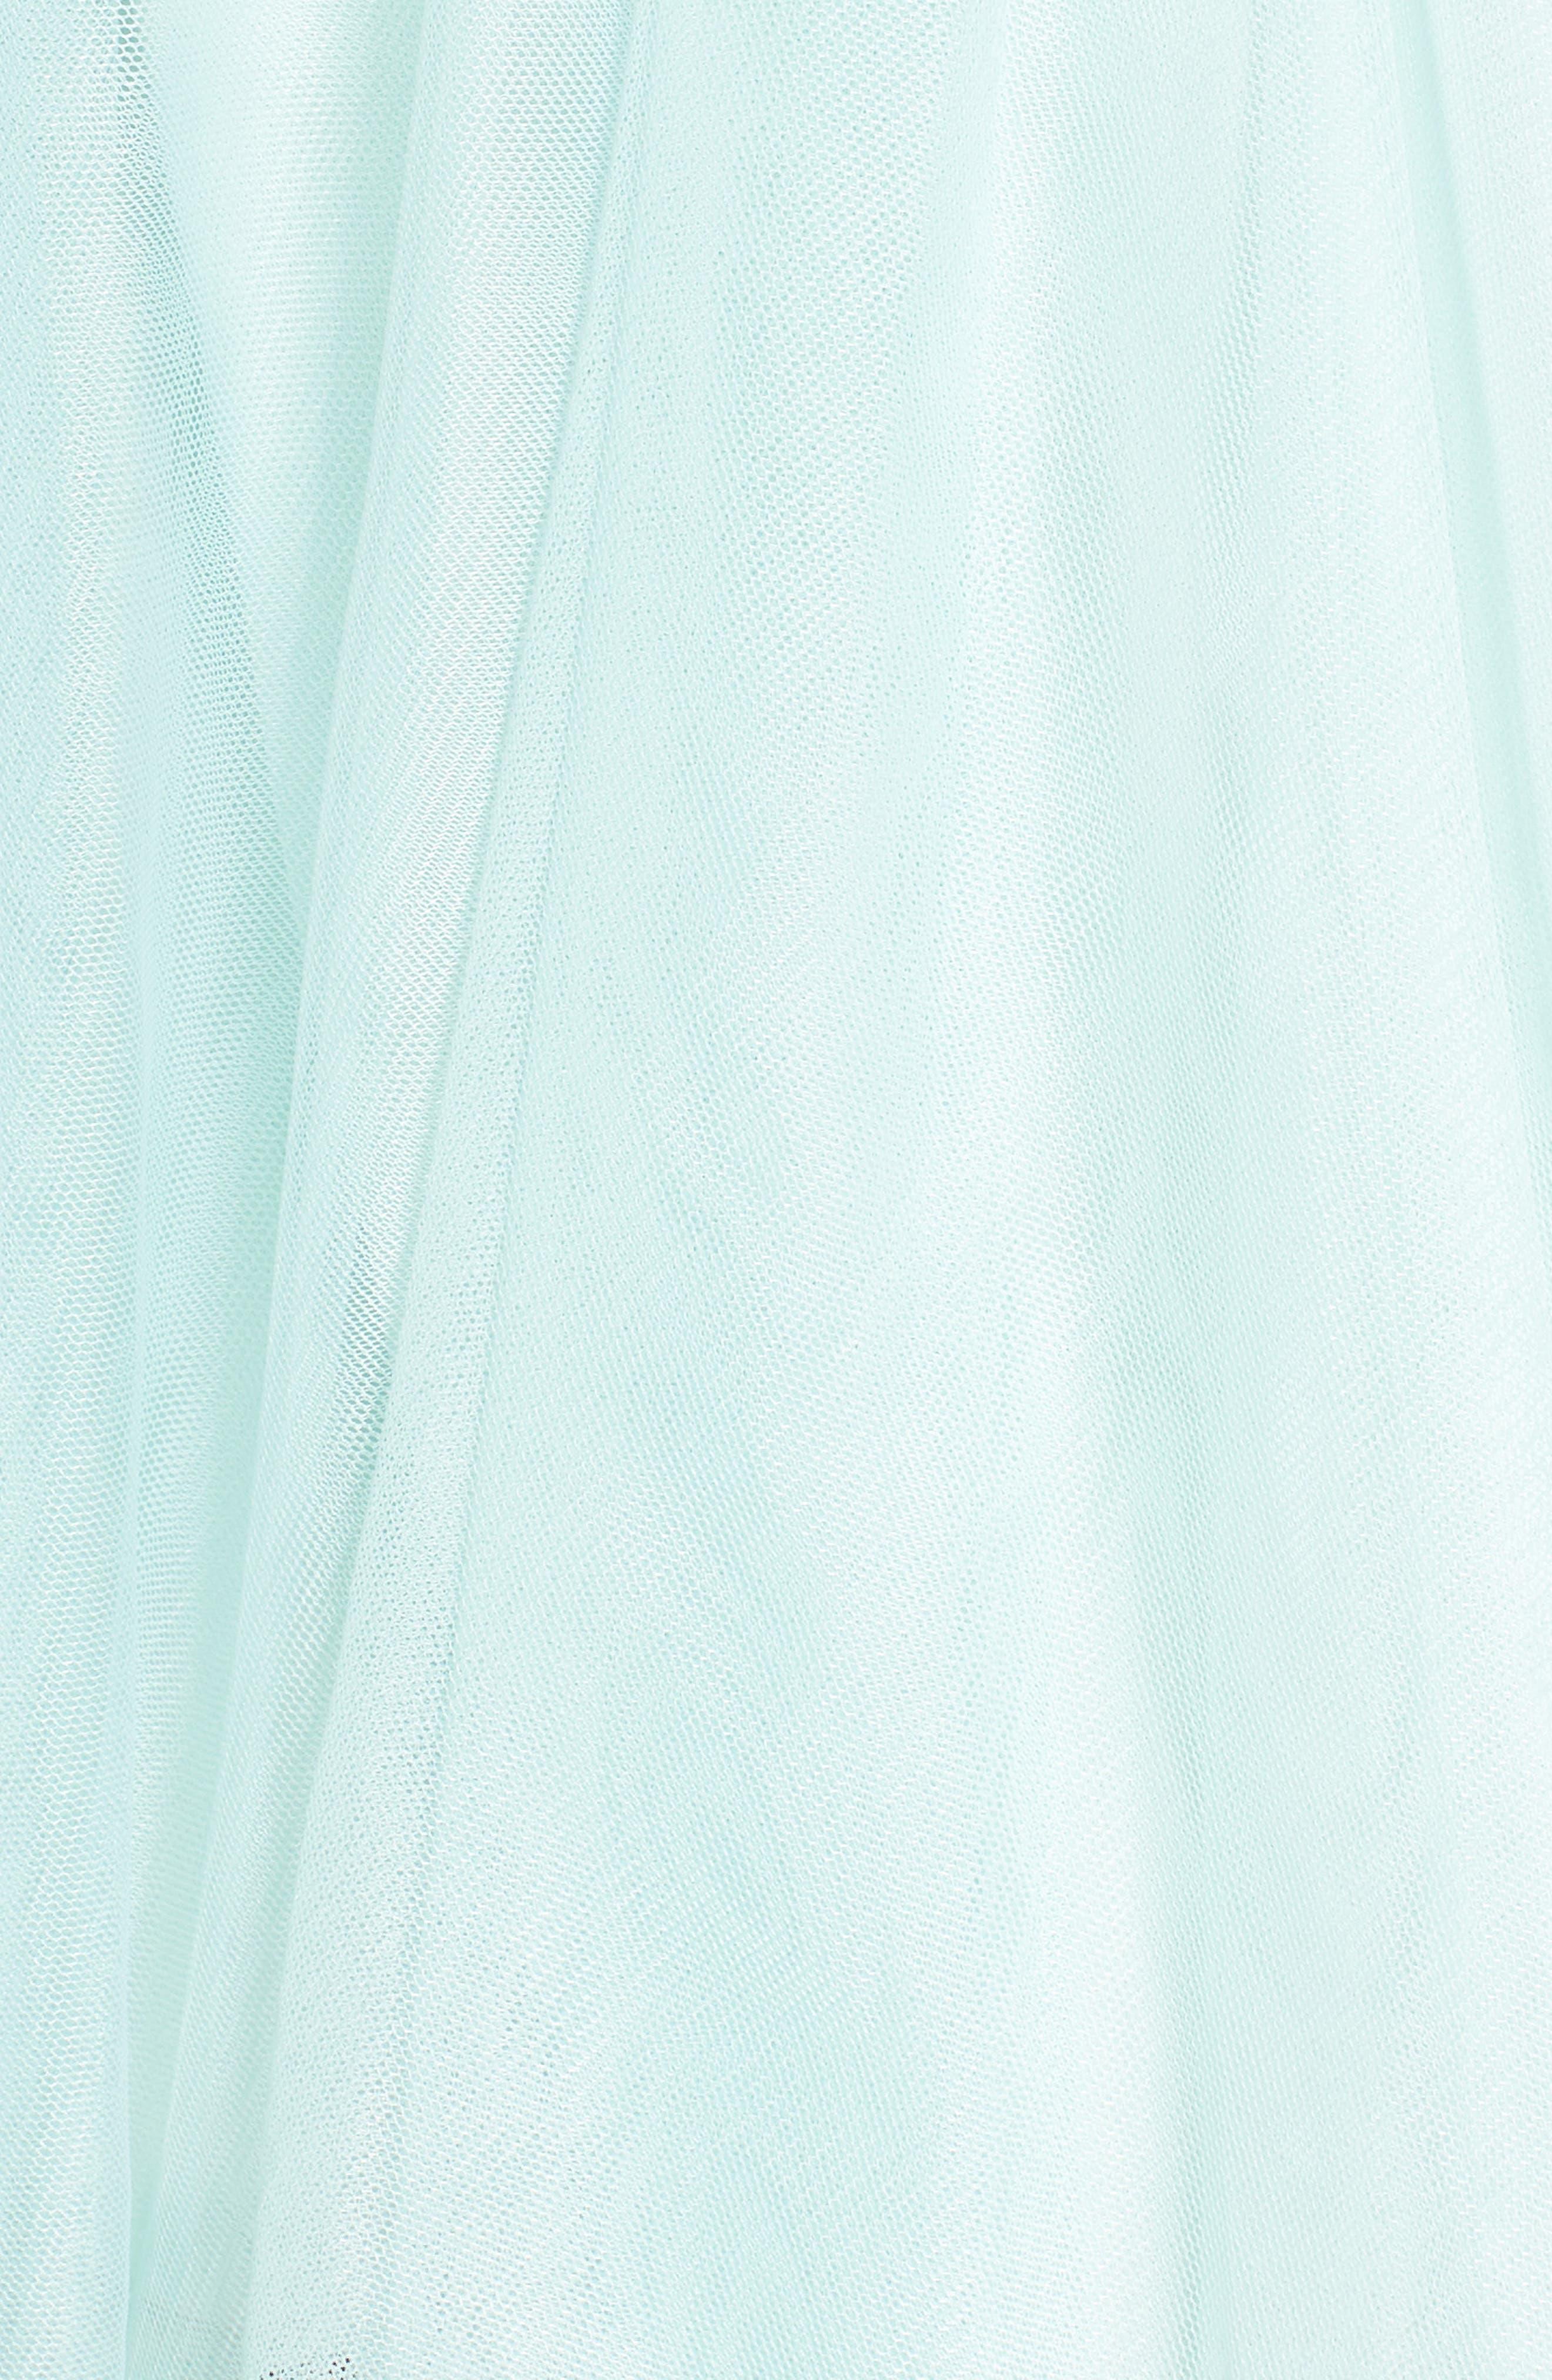 Appliqué Mesh Fit & Flare Halter Dress,                             Alternate thumbnail 5, color,                             Black/ Mint